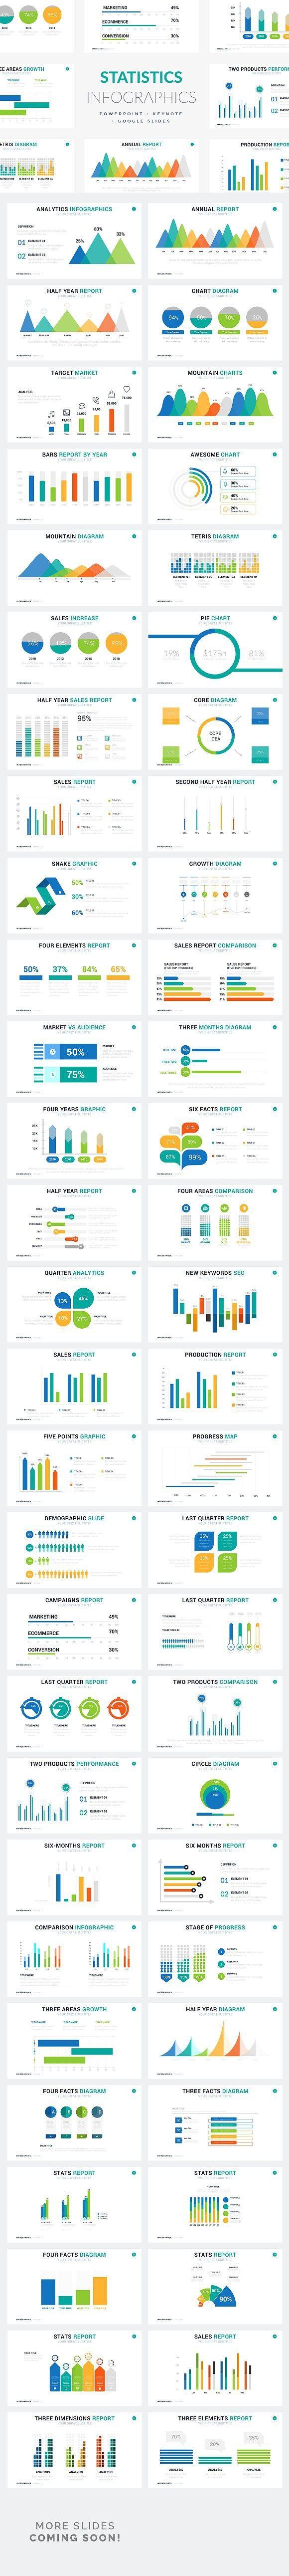 56 best project management images on pinterest project management